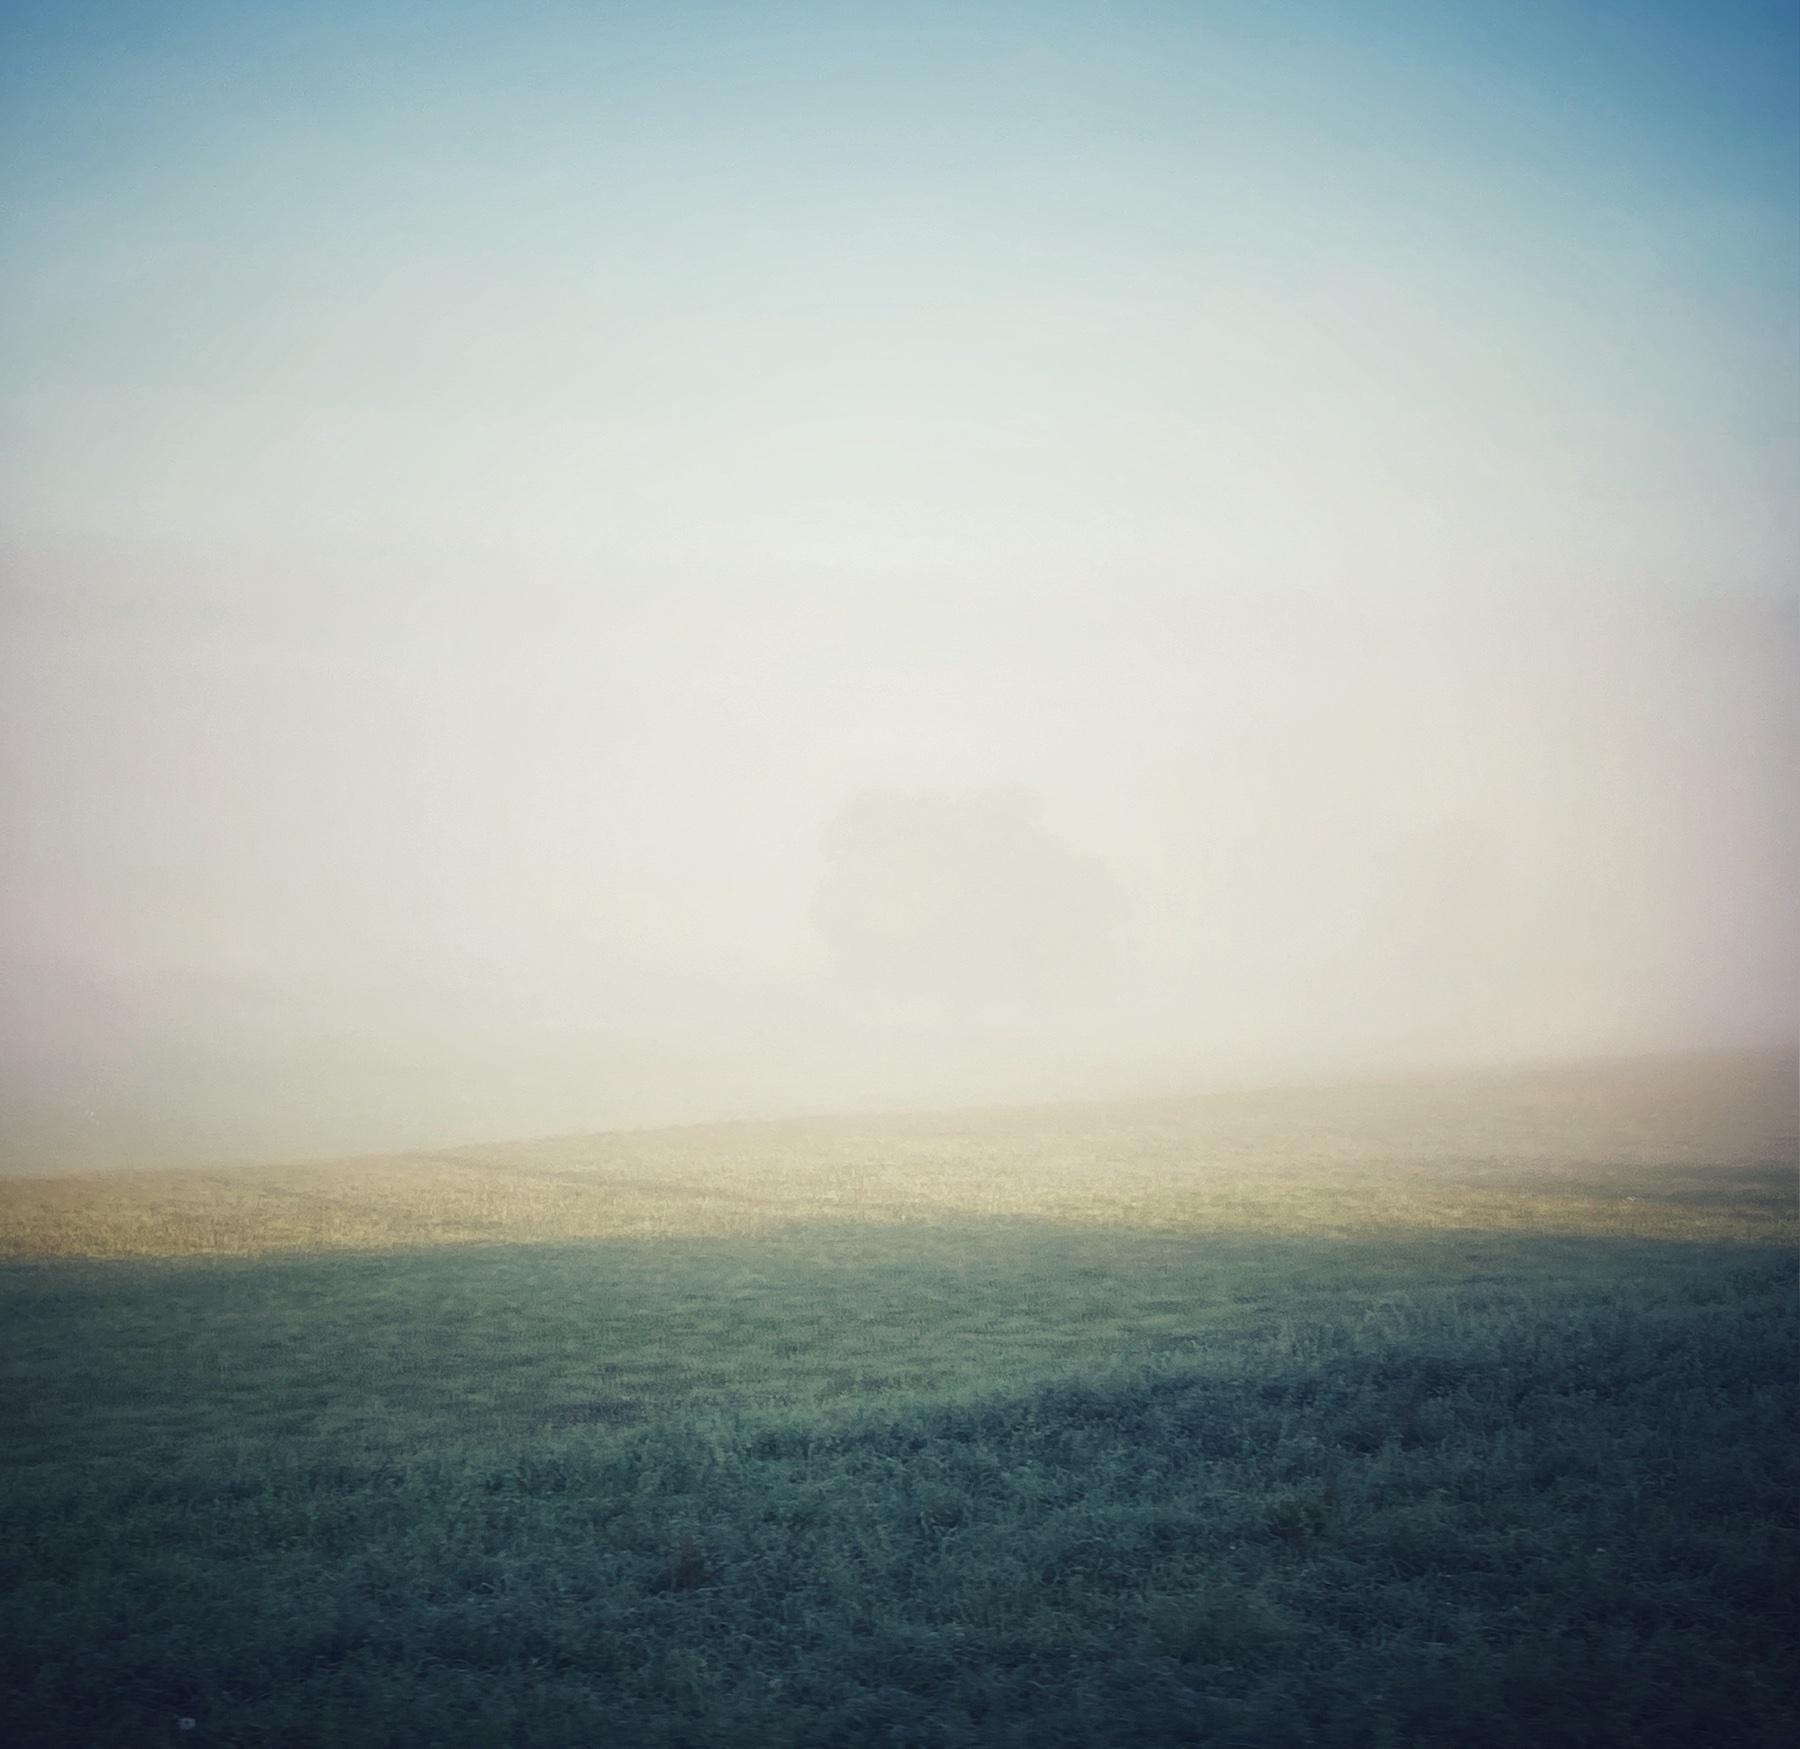 Un arbre qui se cache dans un brouillard délicieusement inondé de soleil